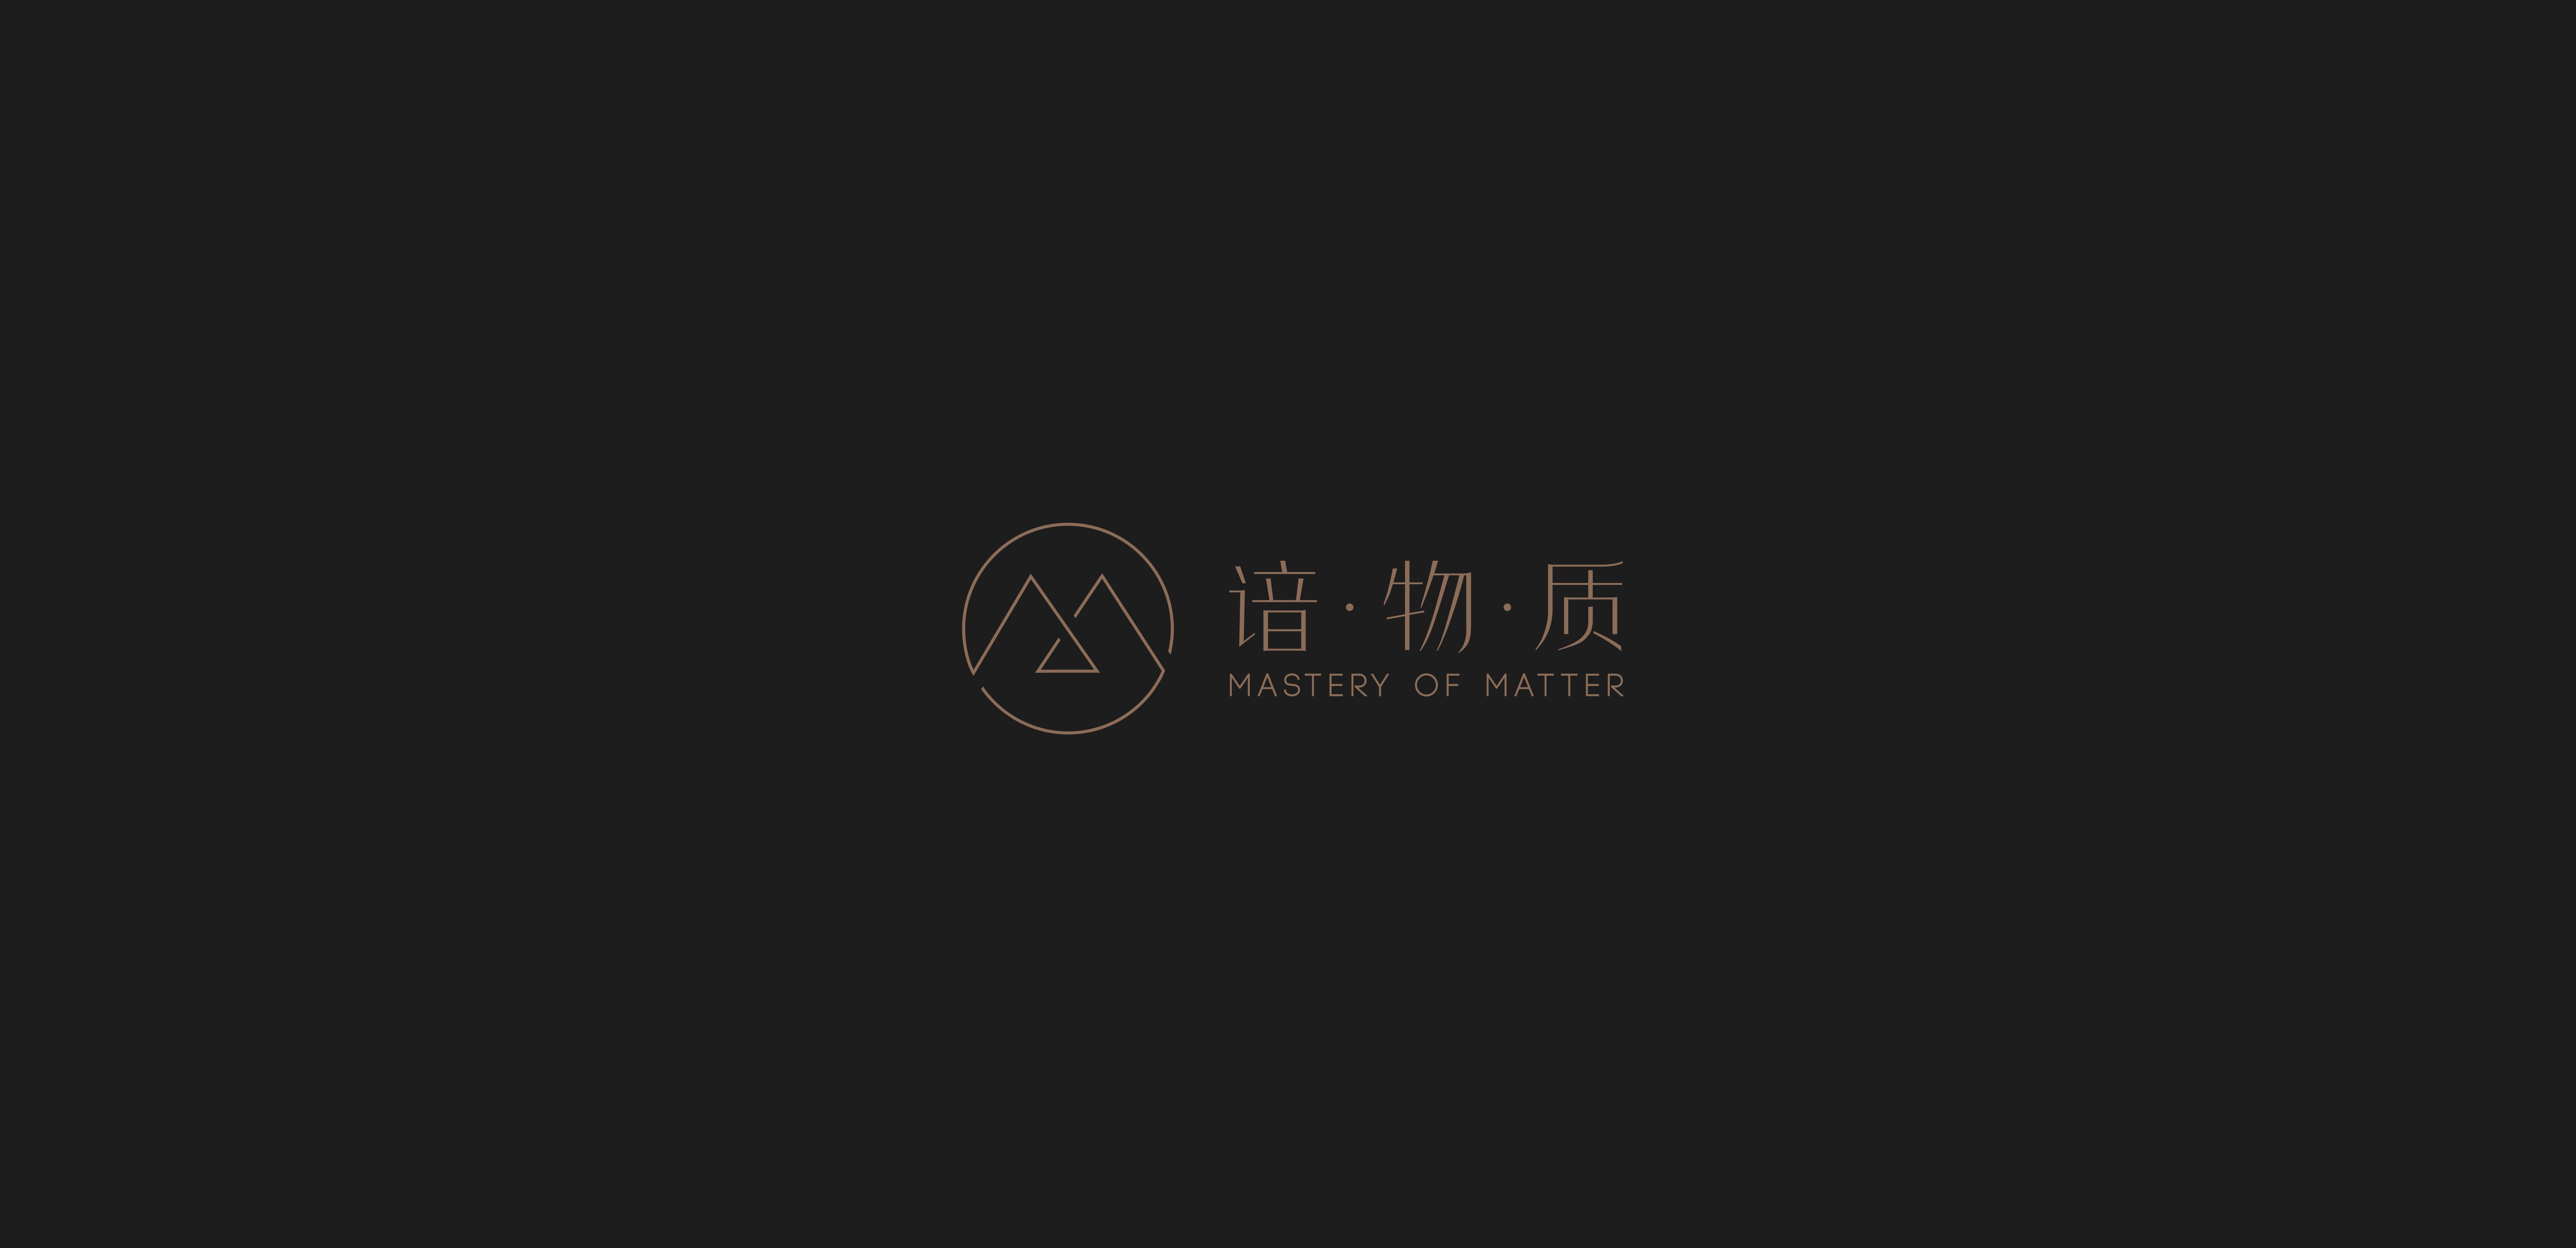 諳物質logo設計